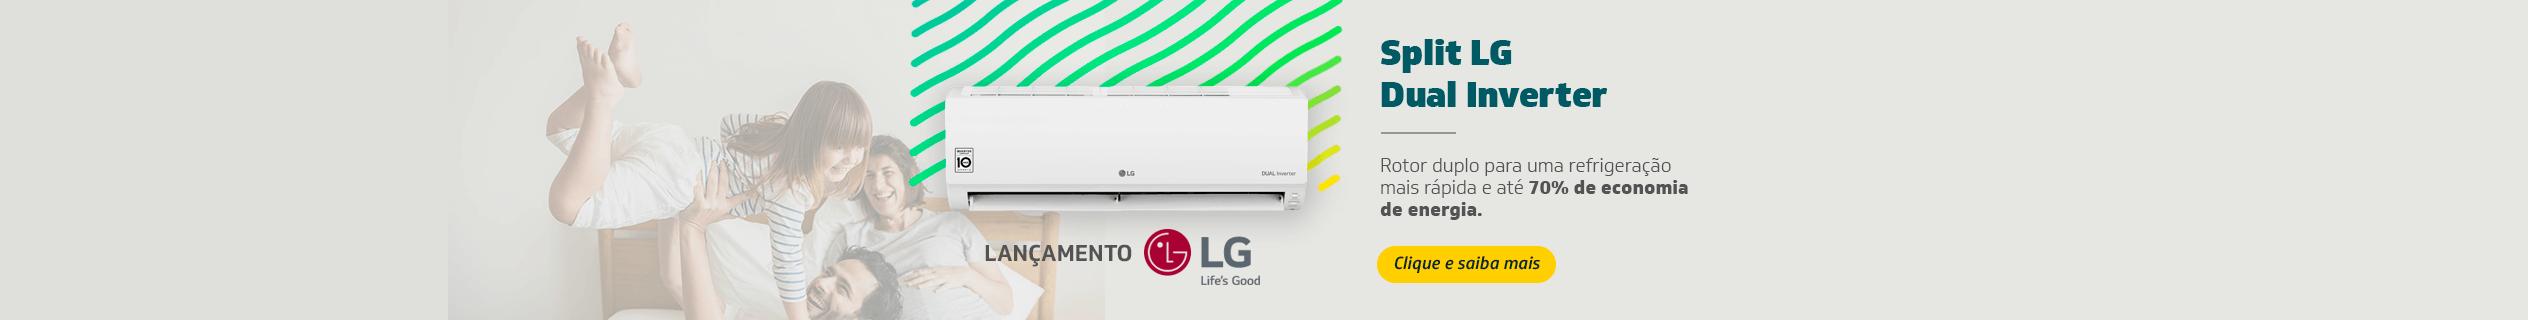 full_banner-desktop-lg-dual-inverter-0612-1612